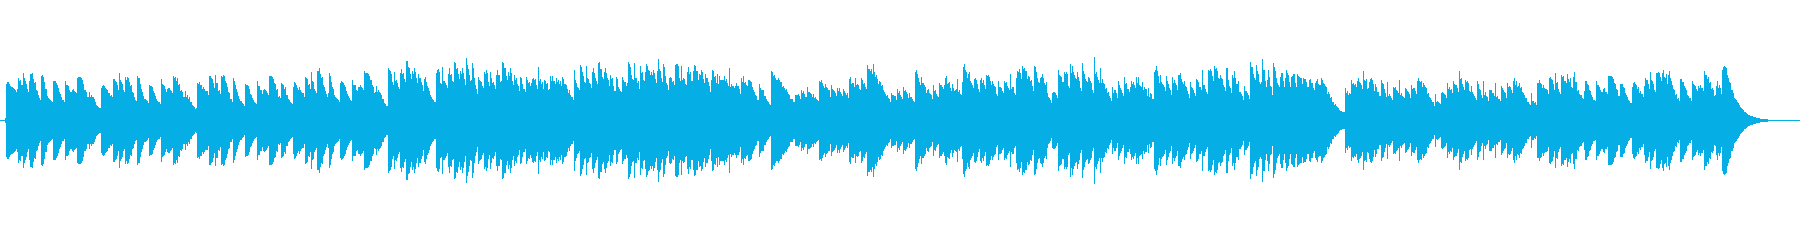 <オルゴール>爽やかな目覚めの再生済みの波形